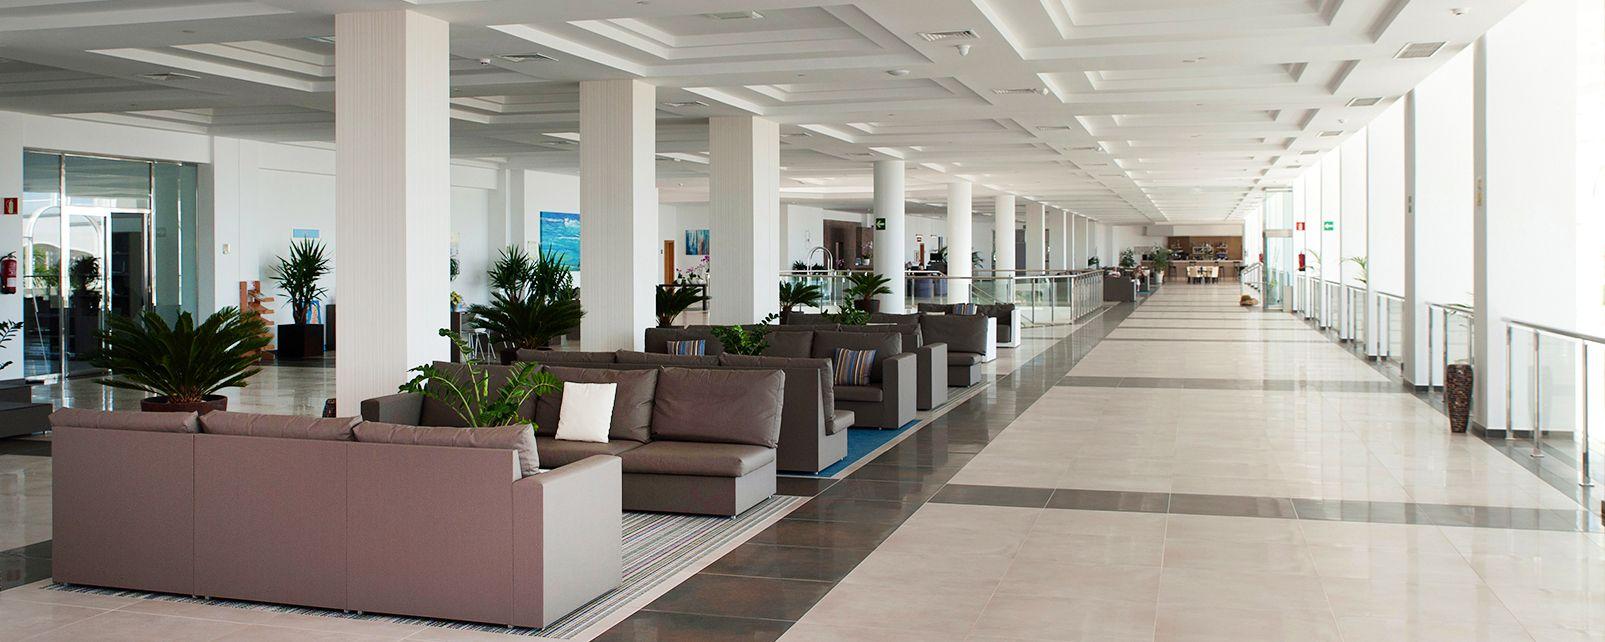 TUI Sensimar Royal Palm Resort and Spa